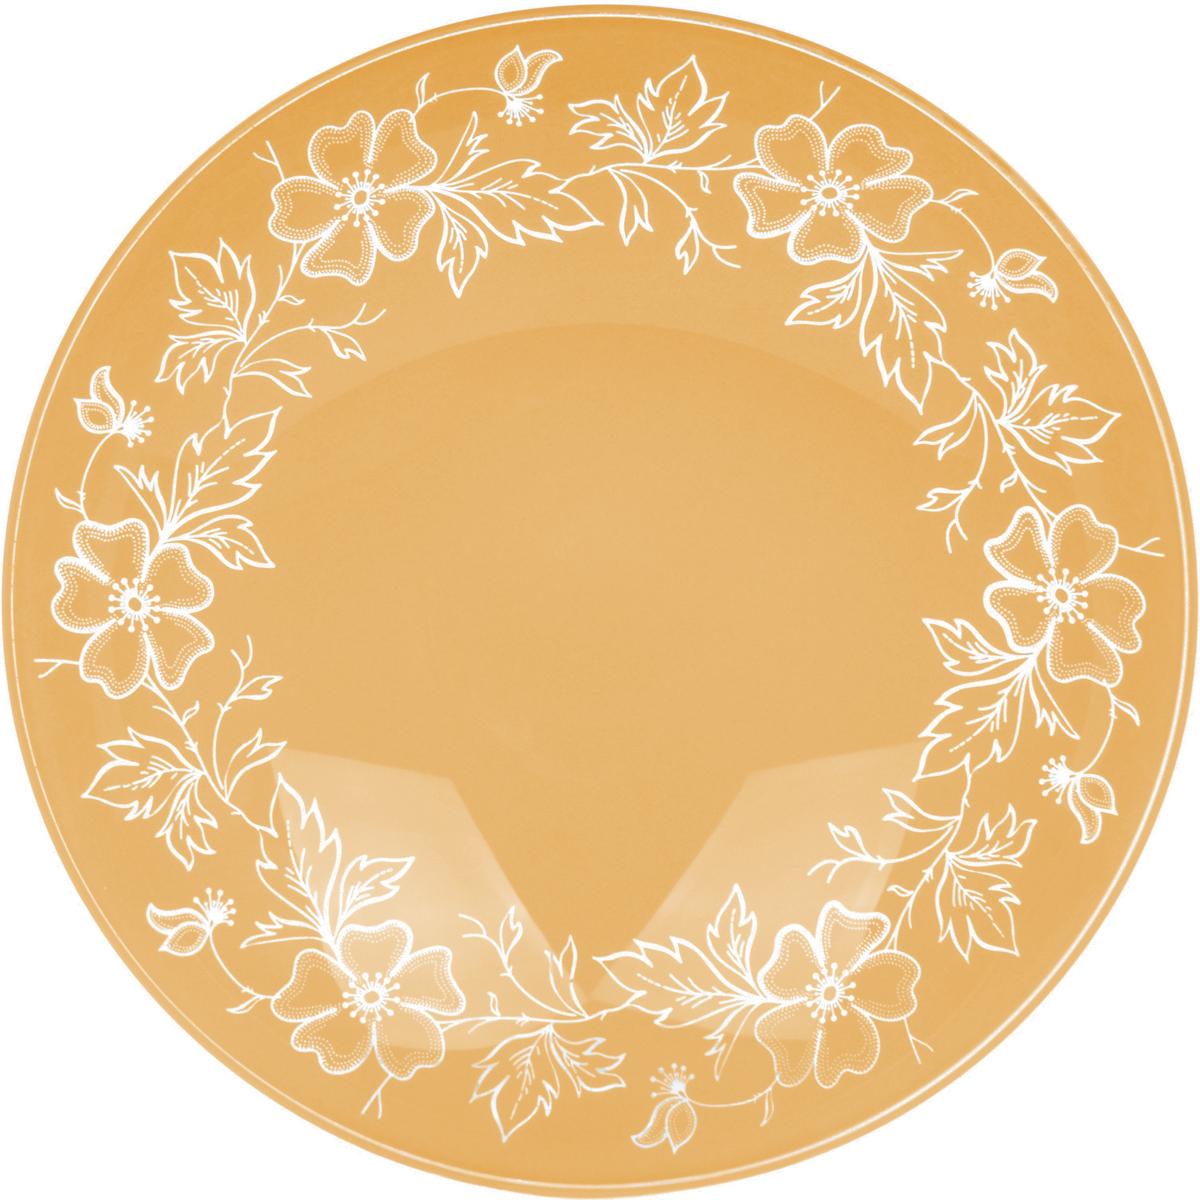 Стеклянная посуда Никольского завода светотехнического стекла, известная под торговой маркой NinaGlass, успешно продается в российских магазинах. Продукция выглядит презентабельно, ассортимент весьма широк. Яркие, емкие, приятные тактильно салатники будут шикарно смотреться на обеденном столе.   Салатники и блюда предназначены для сервировки стола. Пригодны для ежедневного использования.  Цветные салатники и тарелки NinaGlass нельзя использовать в СВЧ и мыть в ПММ.